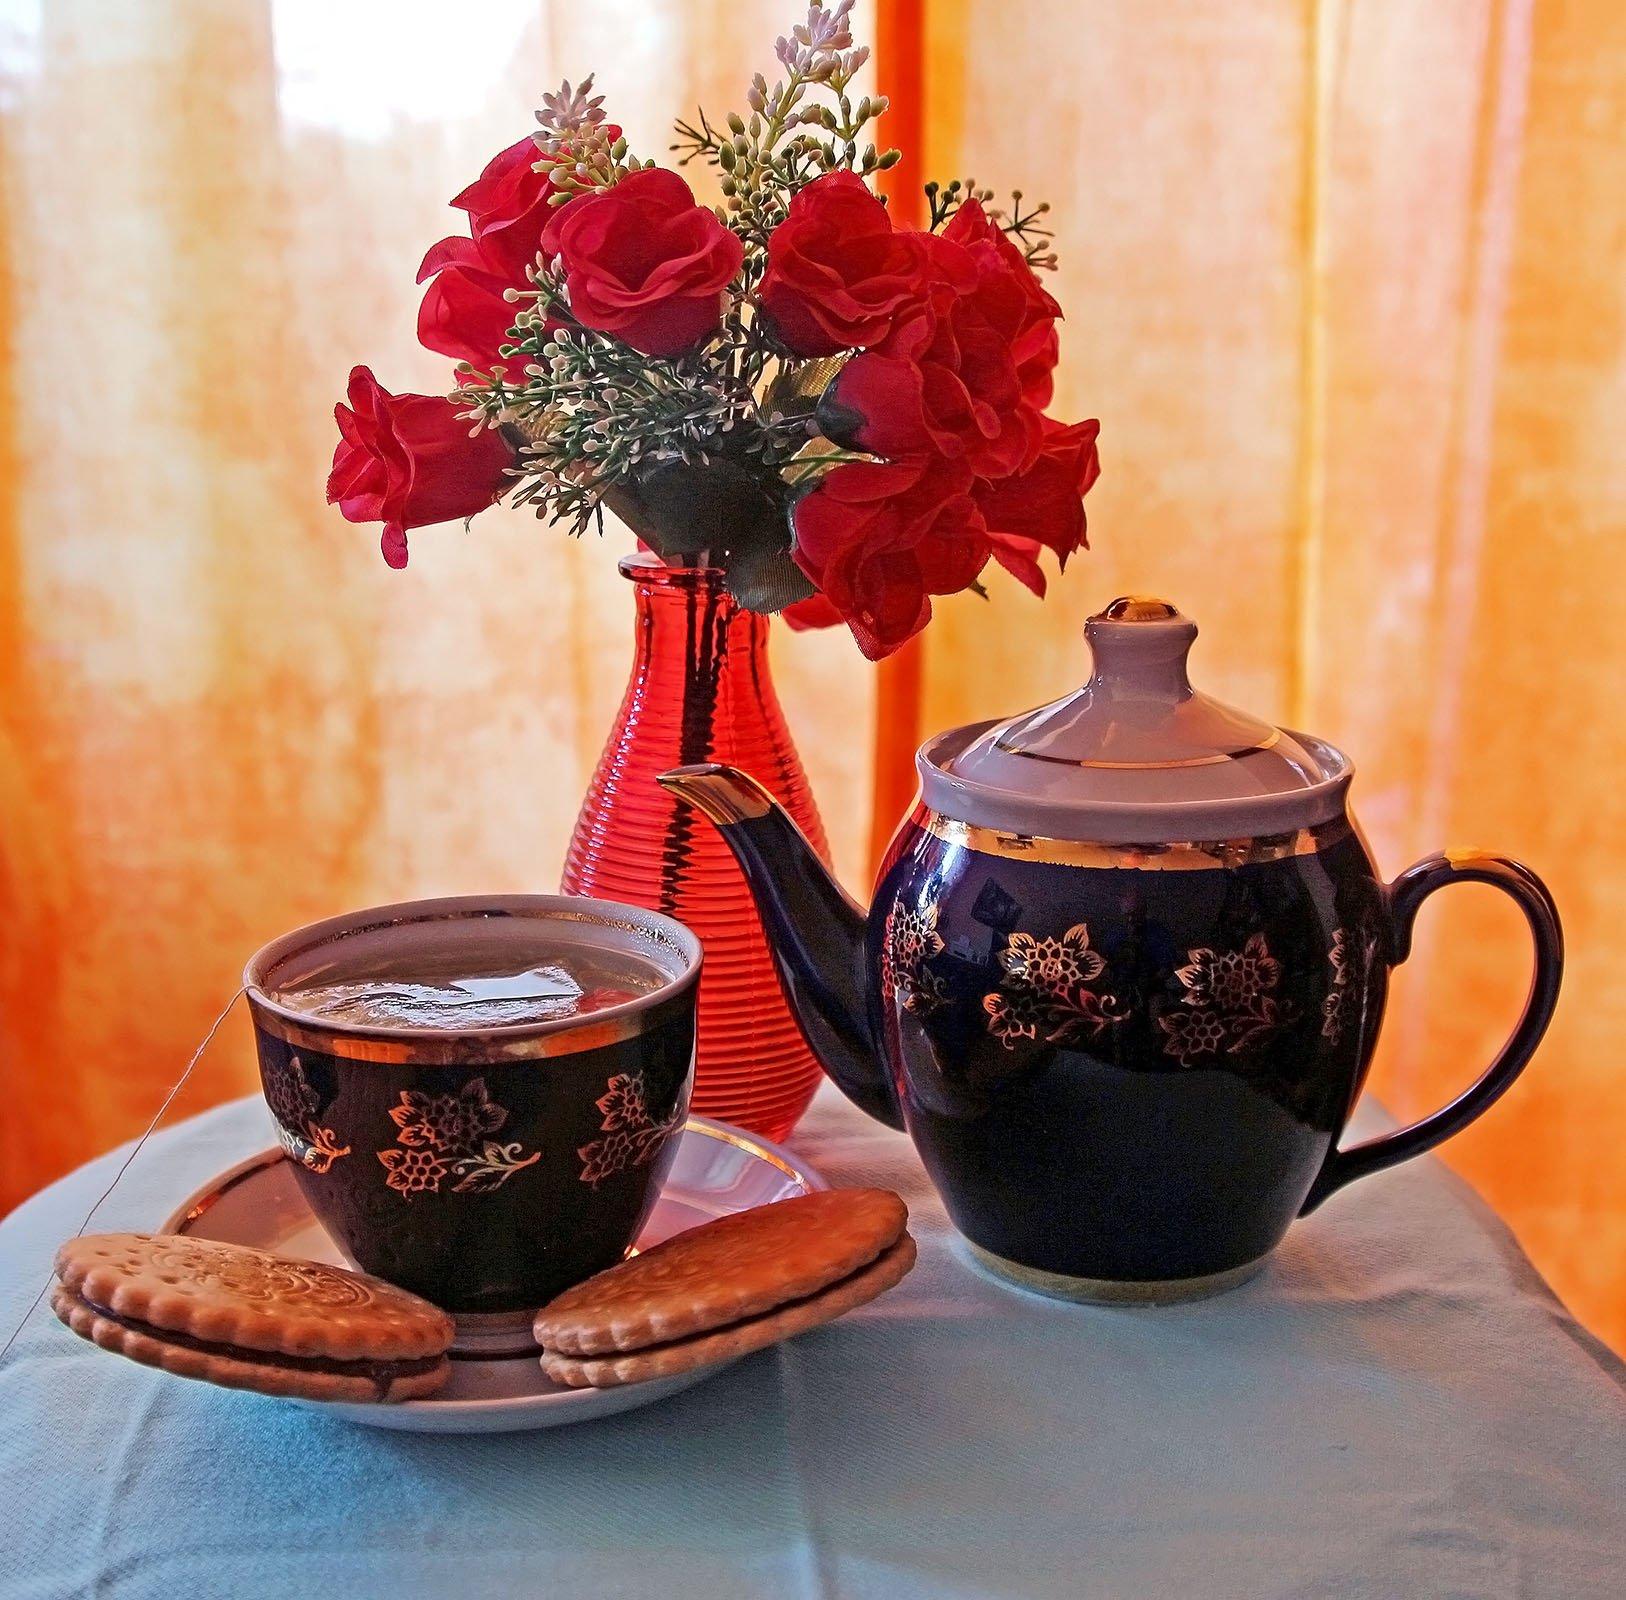 Открытка чайная, яга картинки сказки